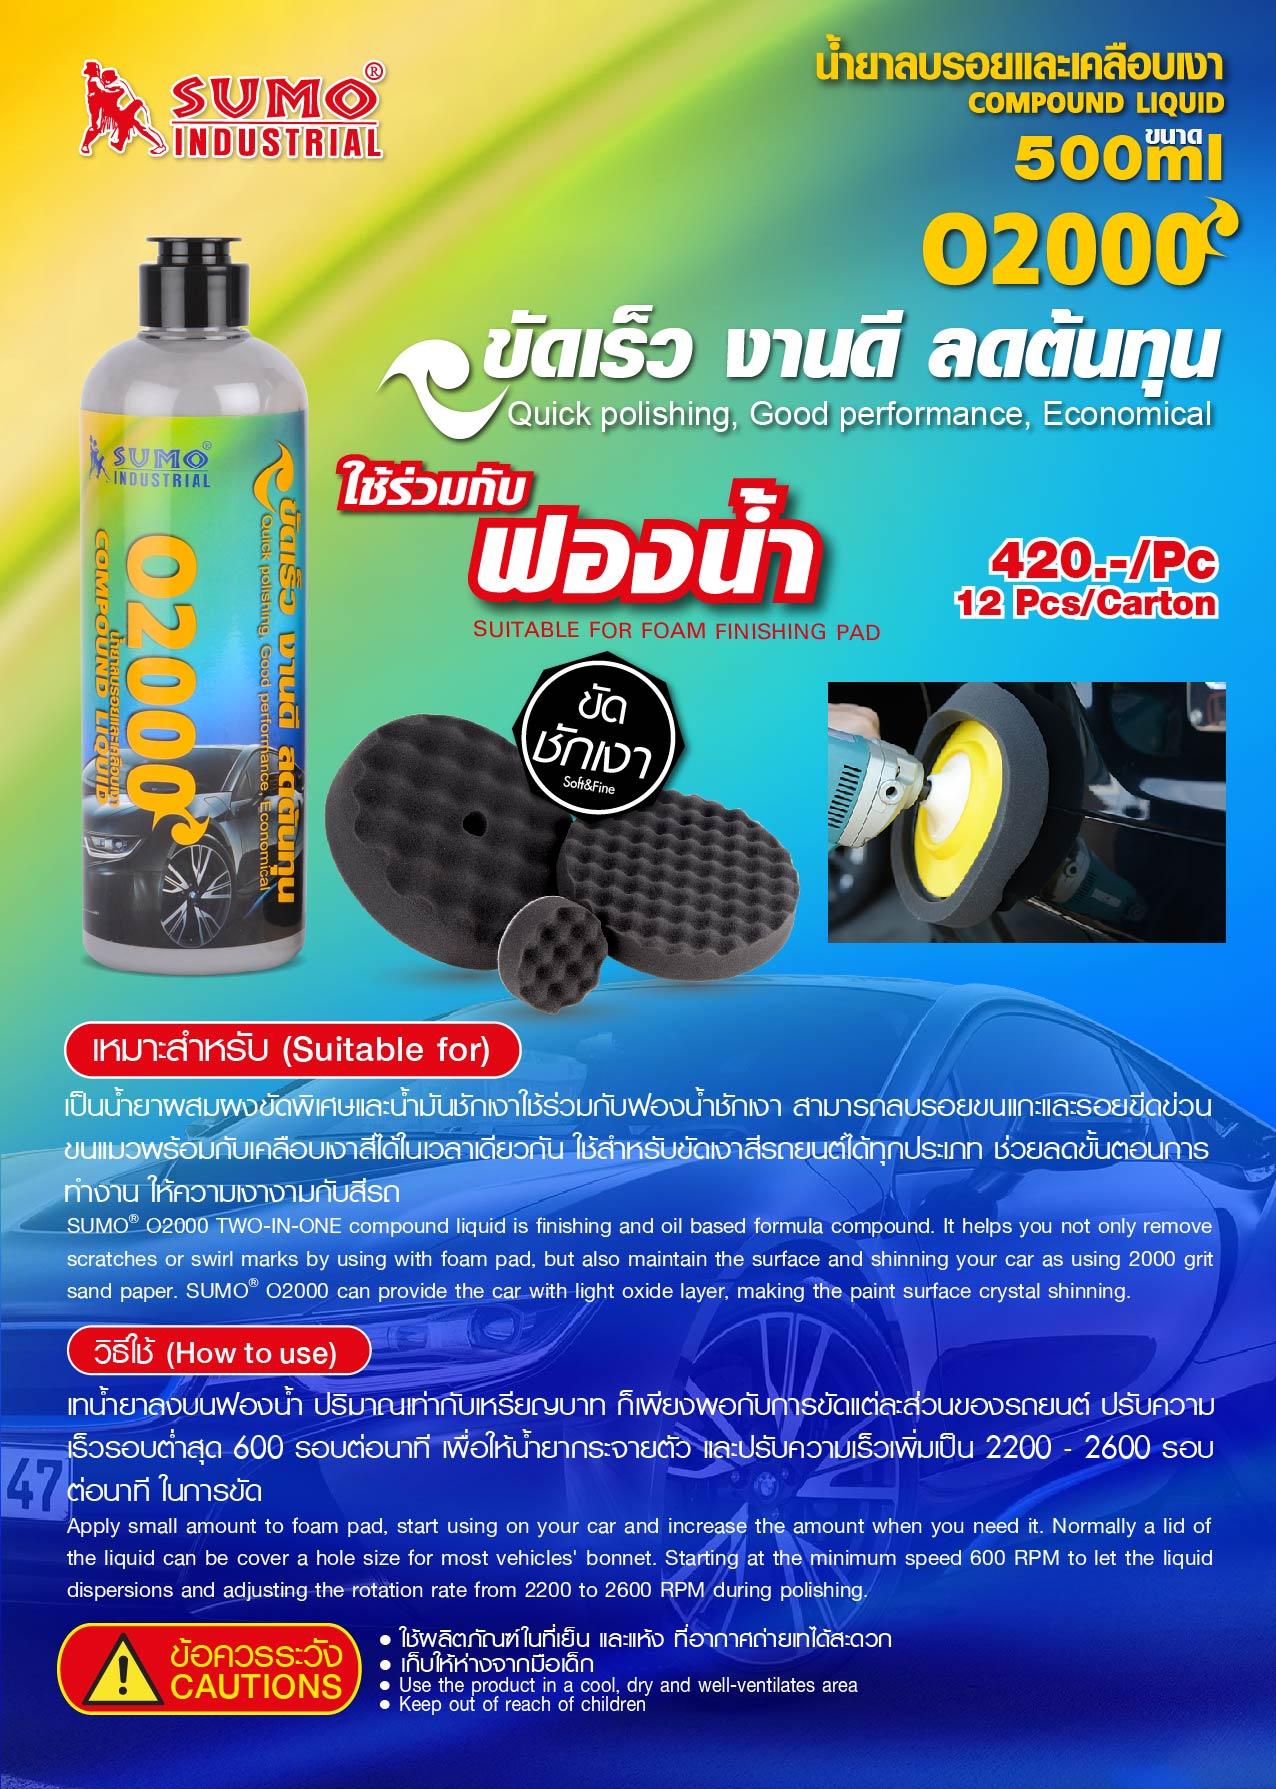 (2/9) น้ำยาขัดรถ และ เคลือบเงา รุ่น O2000 - Compound Liquid